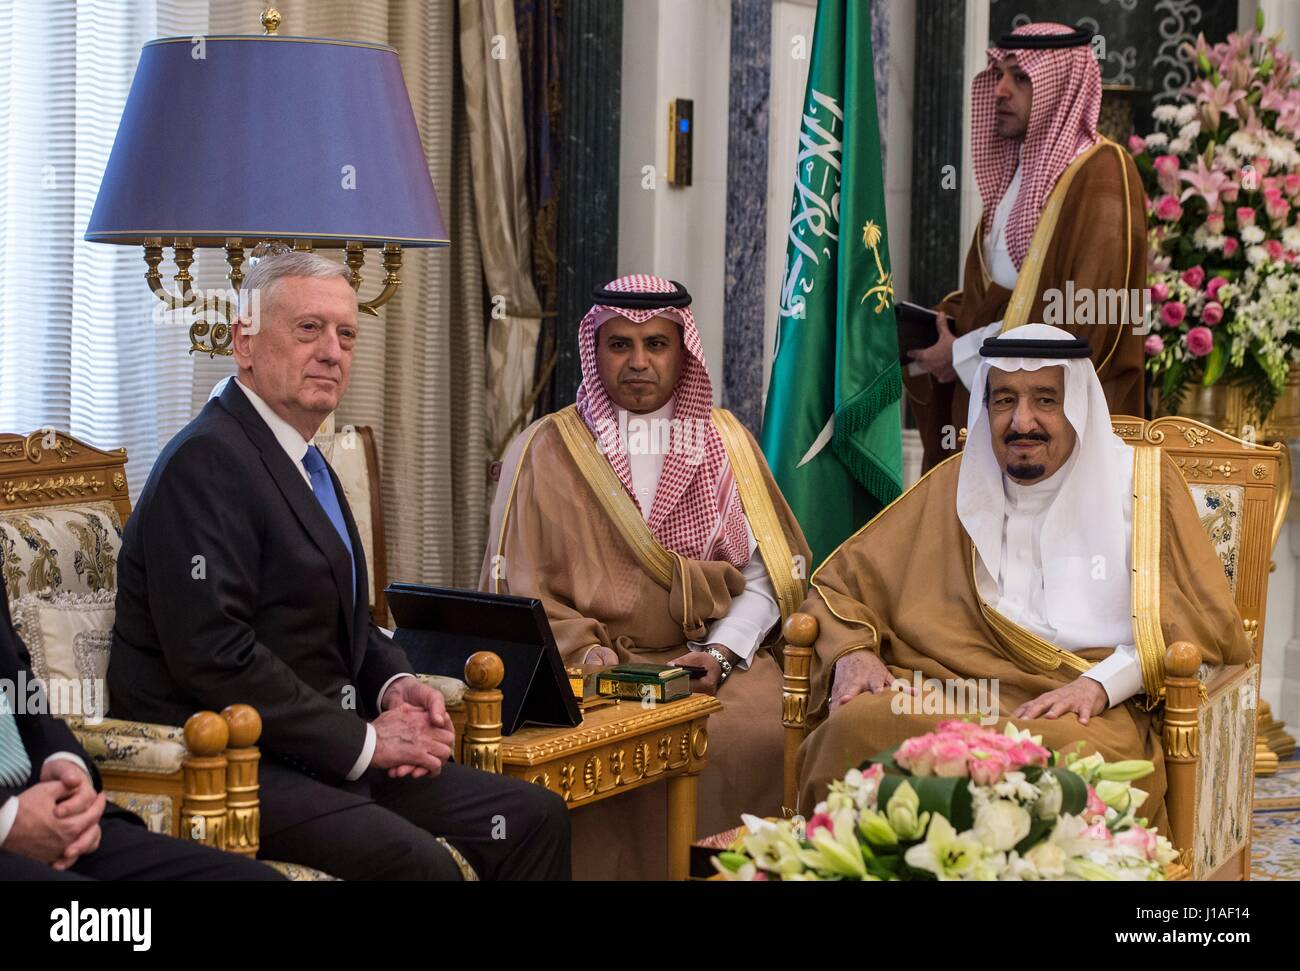 Stati Uniti Il Segretario della Difesa Jim Mattis durante un incontro bilaterale con il re saudita Salman bin Abdulaziz Immagini Stock